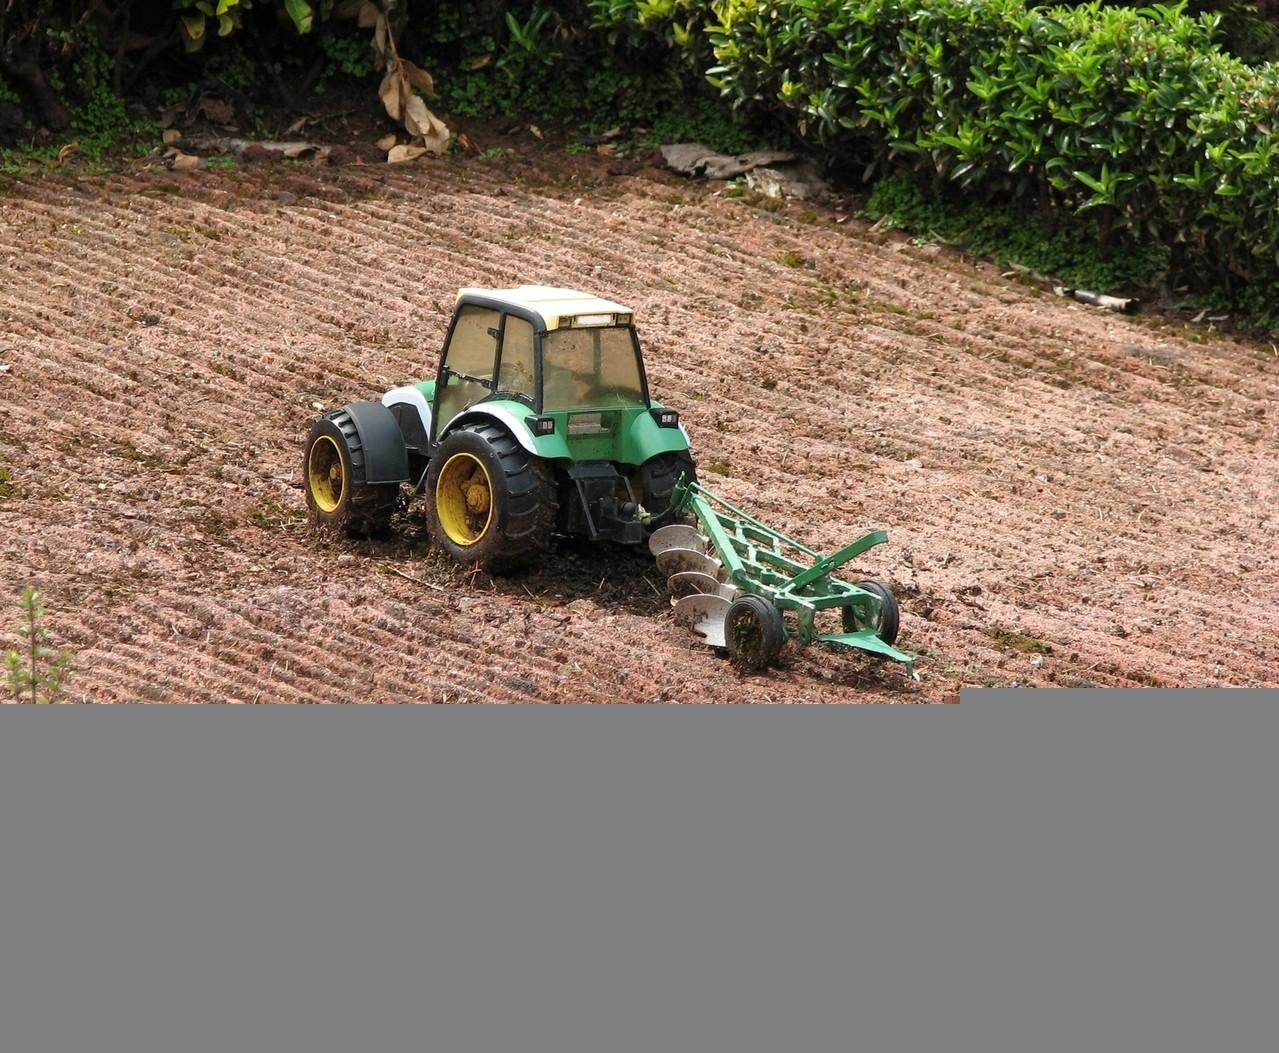 Ewolucja maszyn rolniczych